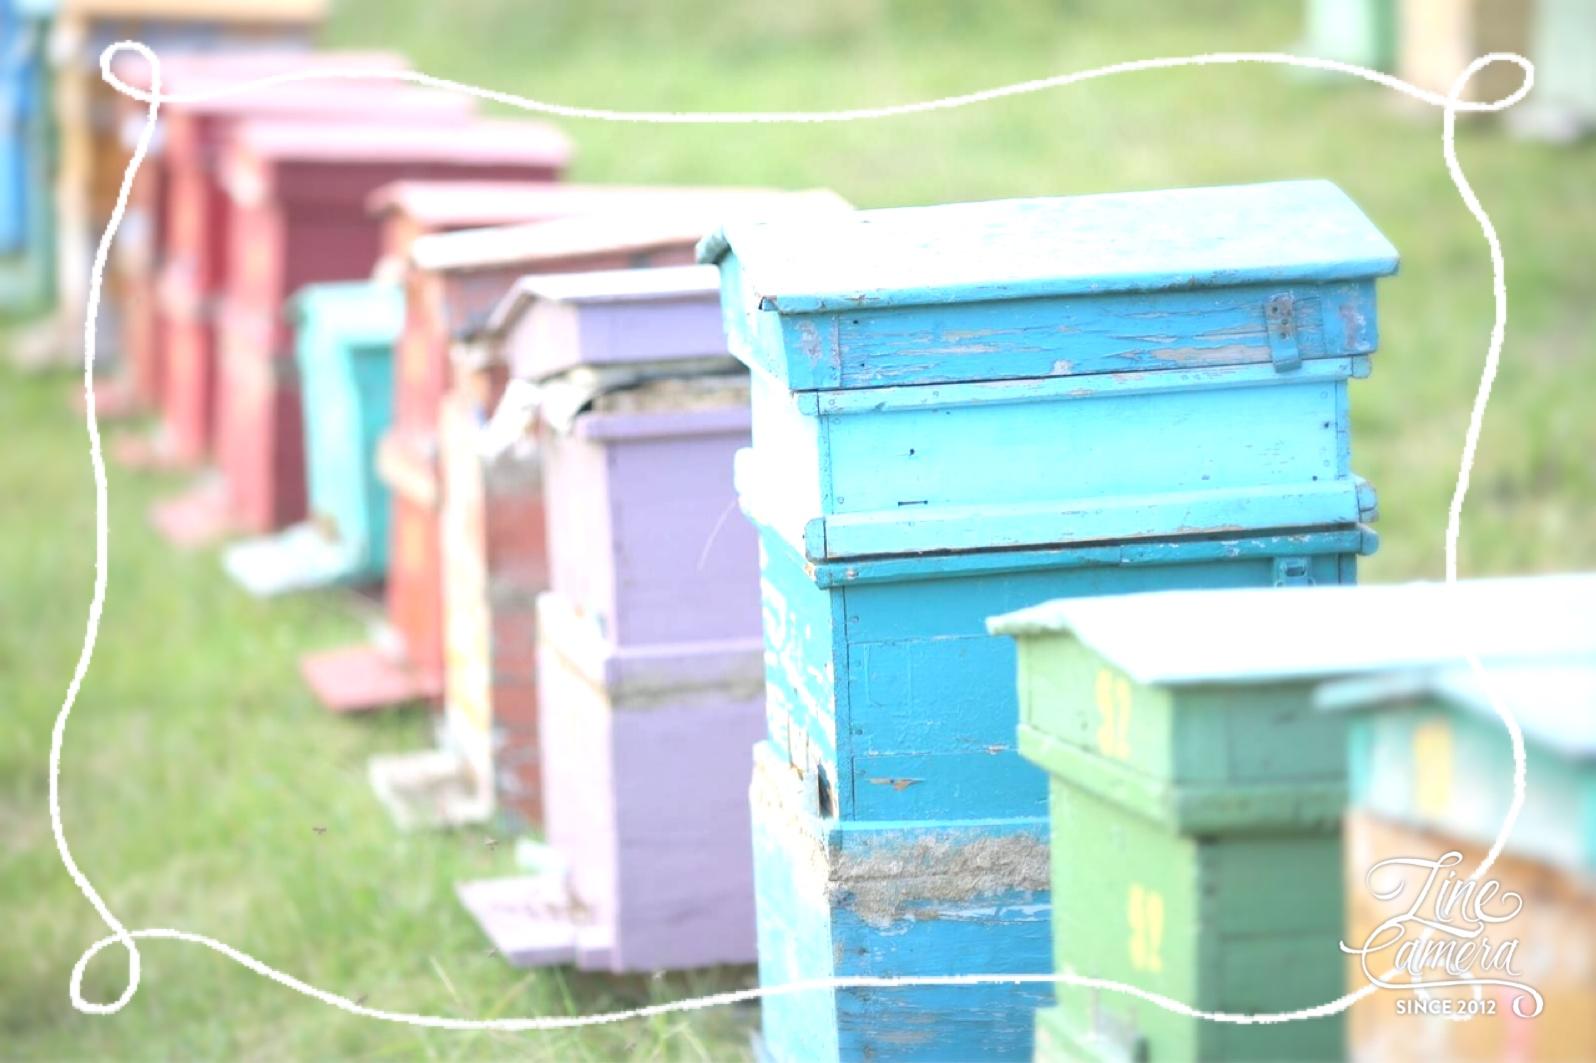 アメリカユタ産のピュアなハチミツが入荷致します!